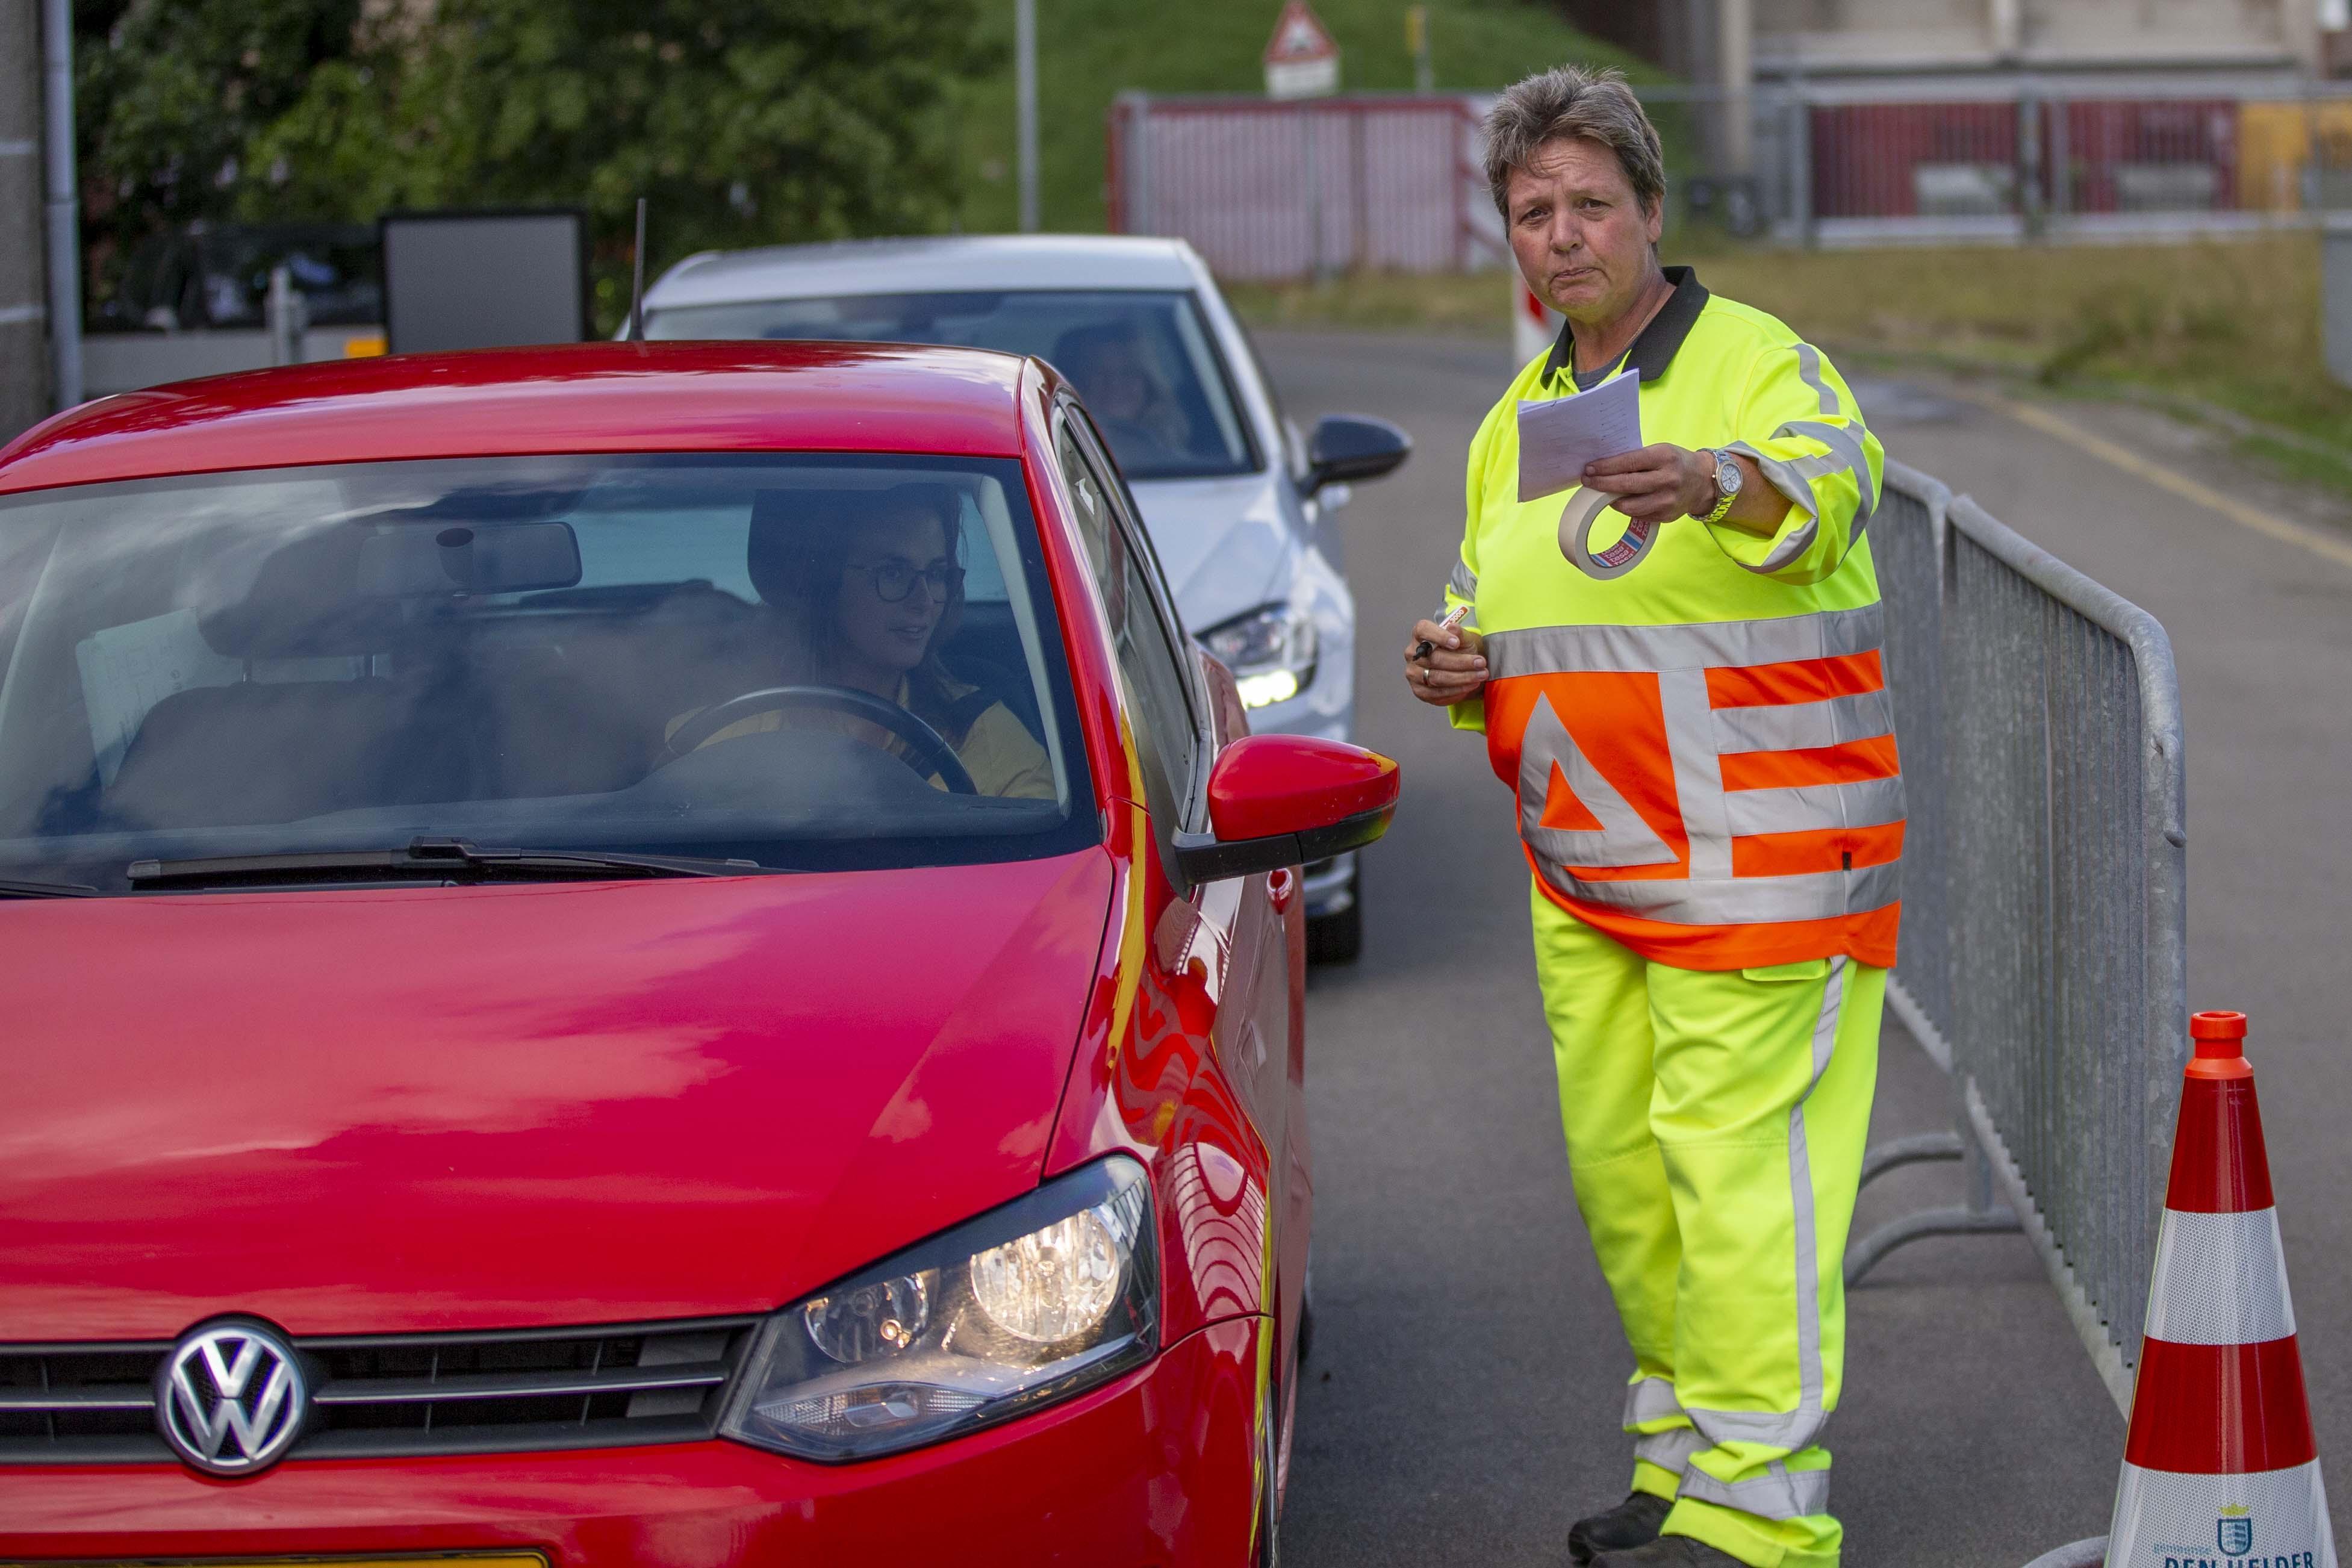 Teststraten Den Helder, Hoorn, Alkmaar en op Texel draaien overuren: 'Dinsdag hebben we 1250 testen uitgevoerd.' Wachttijd loopt op tot vier dagen